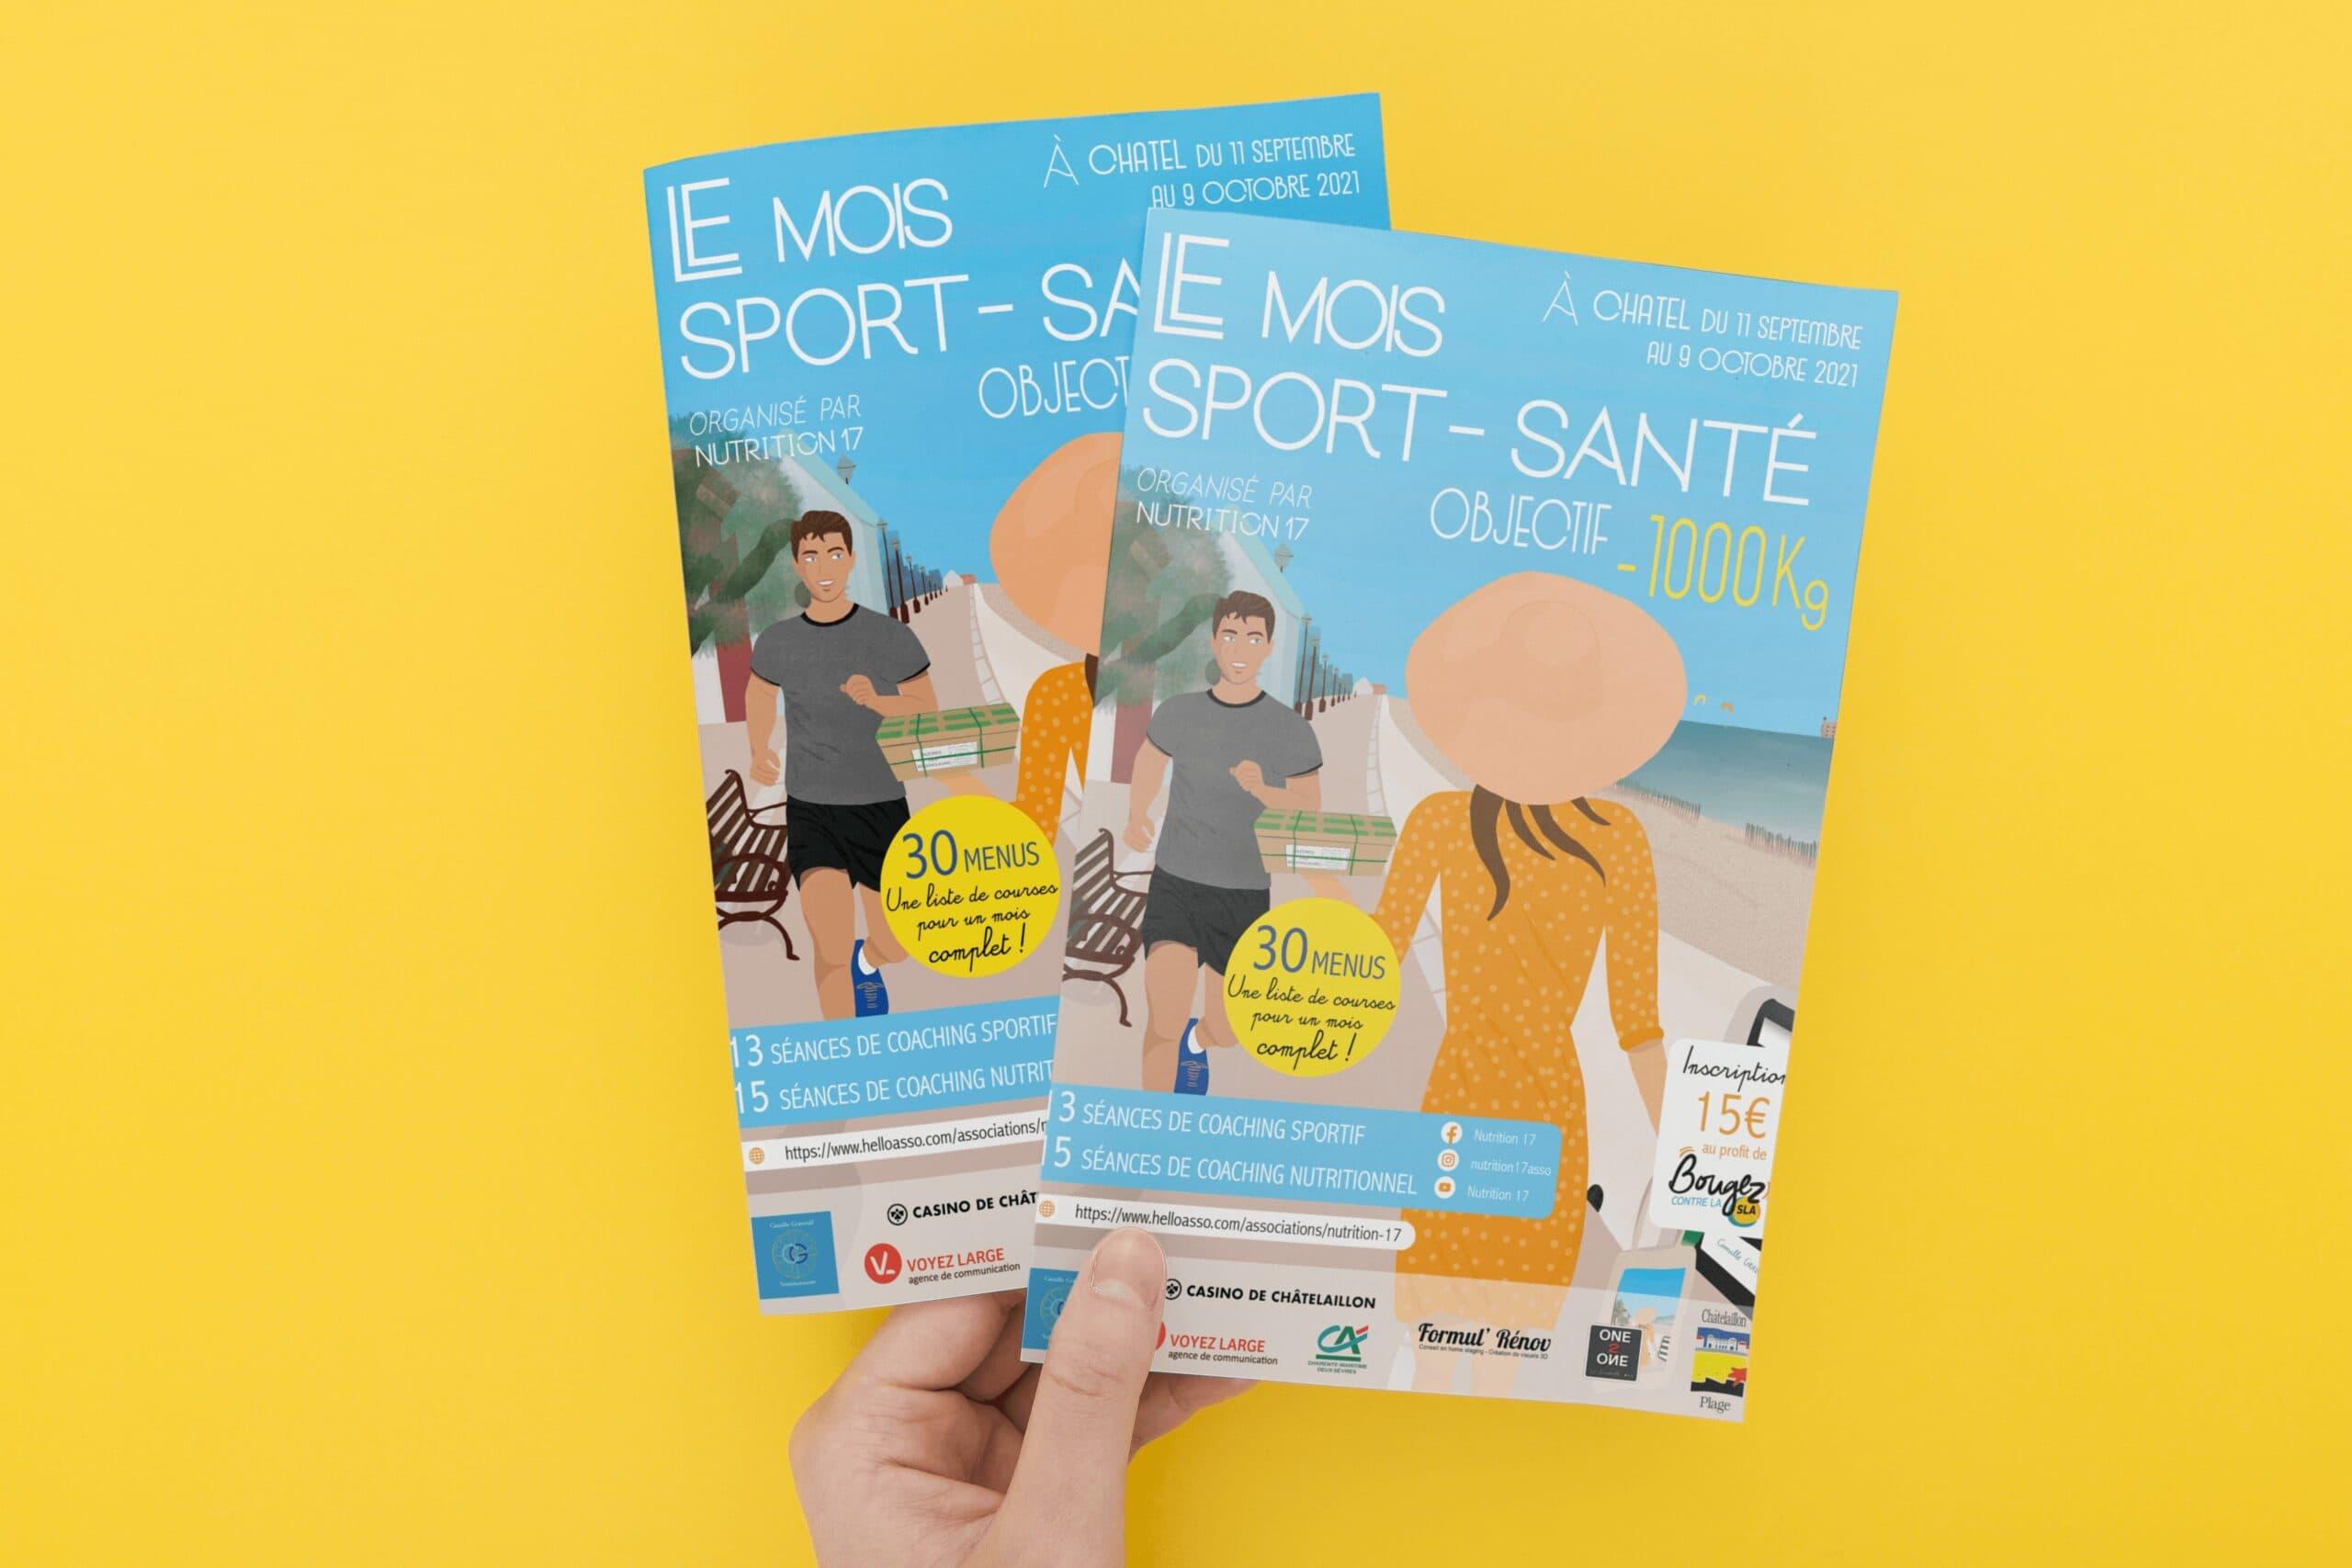 Flyer Nutrition 17 - Mois sport - santé